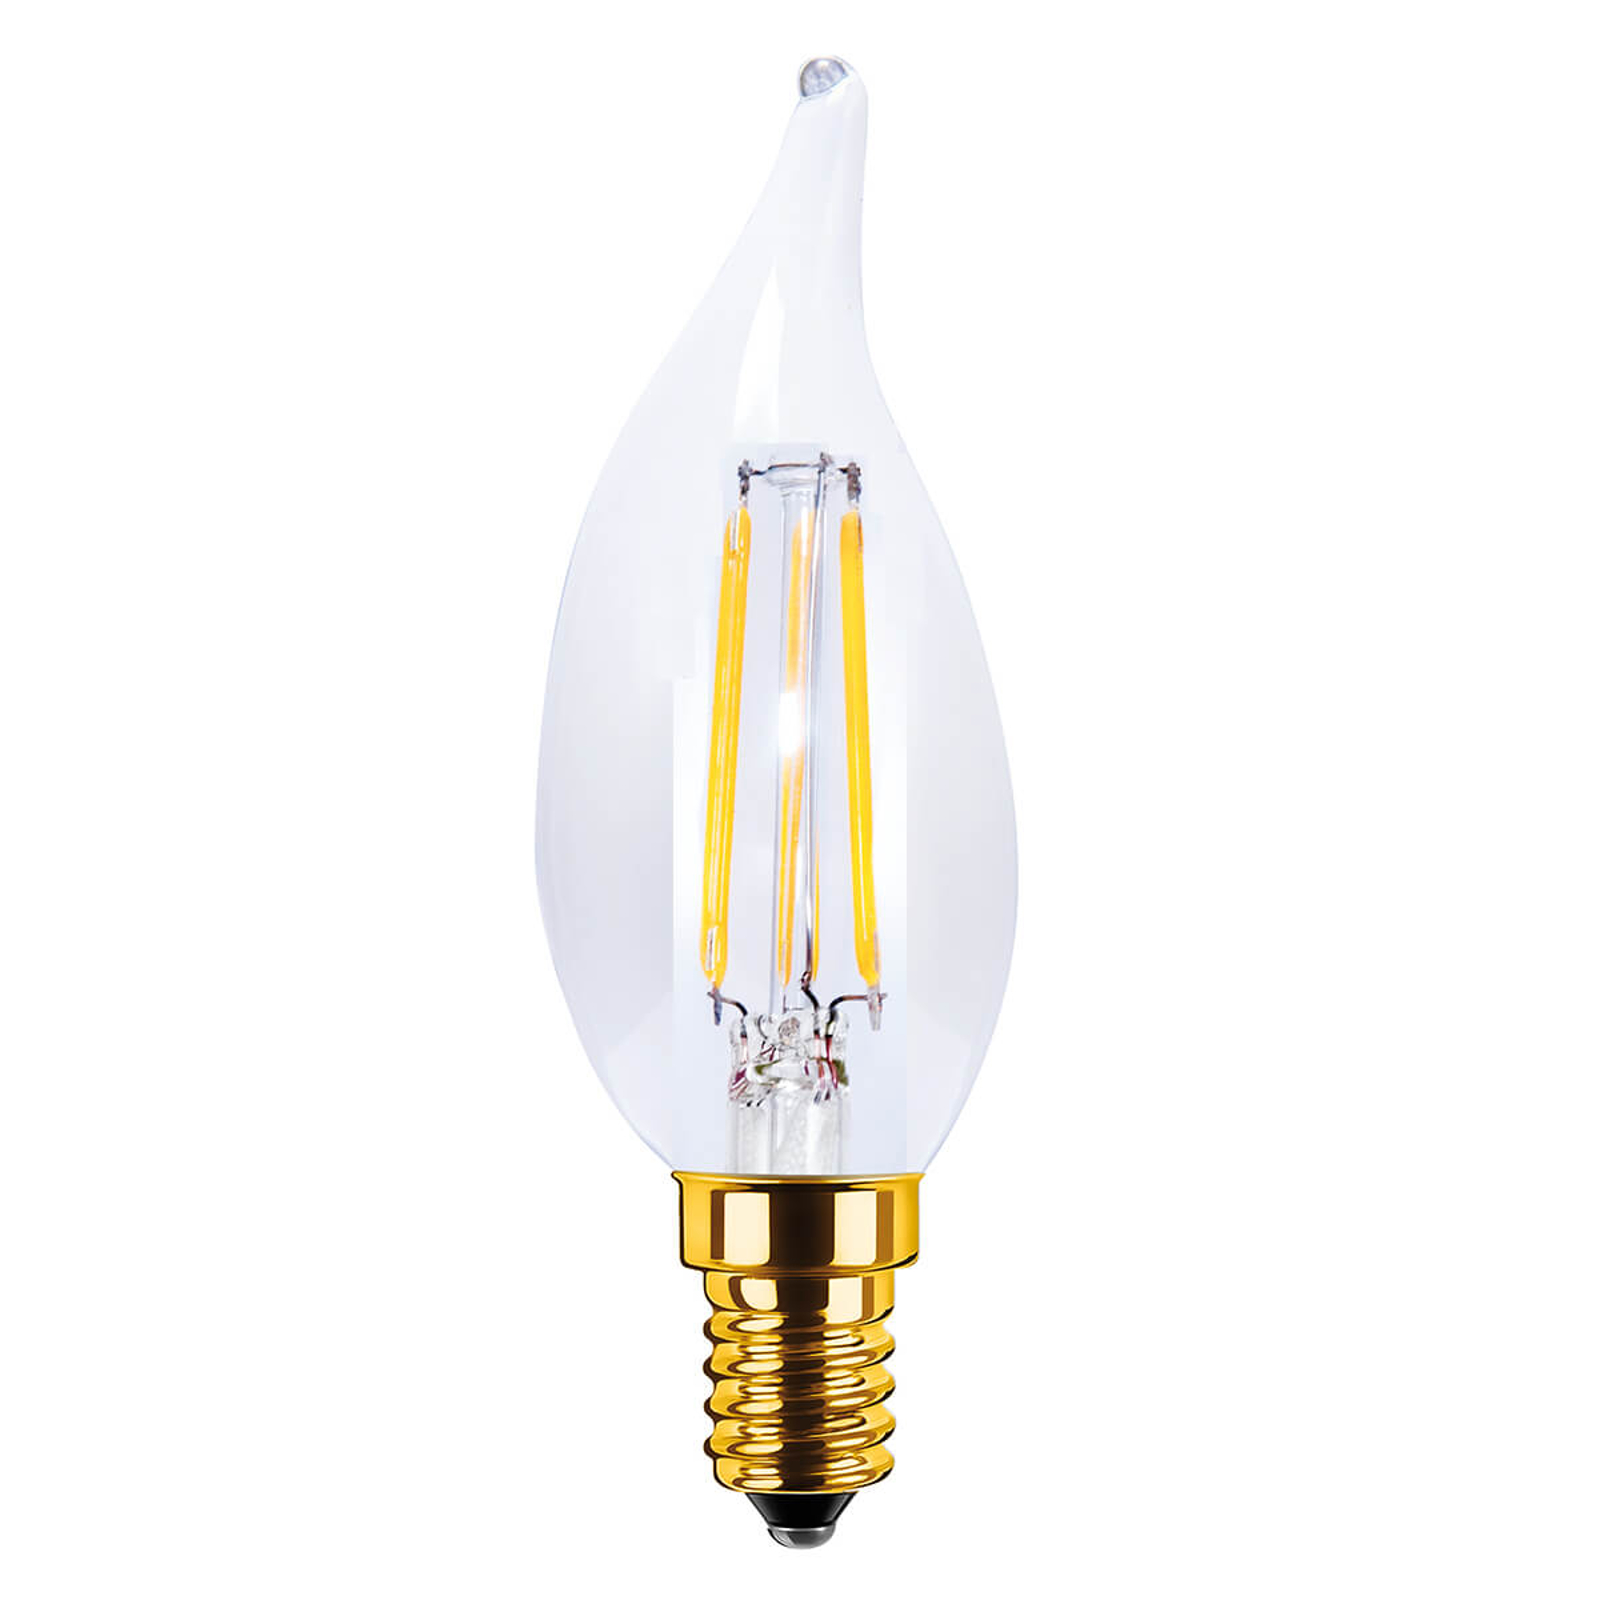 E14 3,5W 922 LED Windstoß-Kerzenlampe Vintage klar